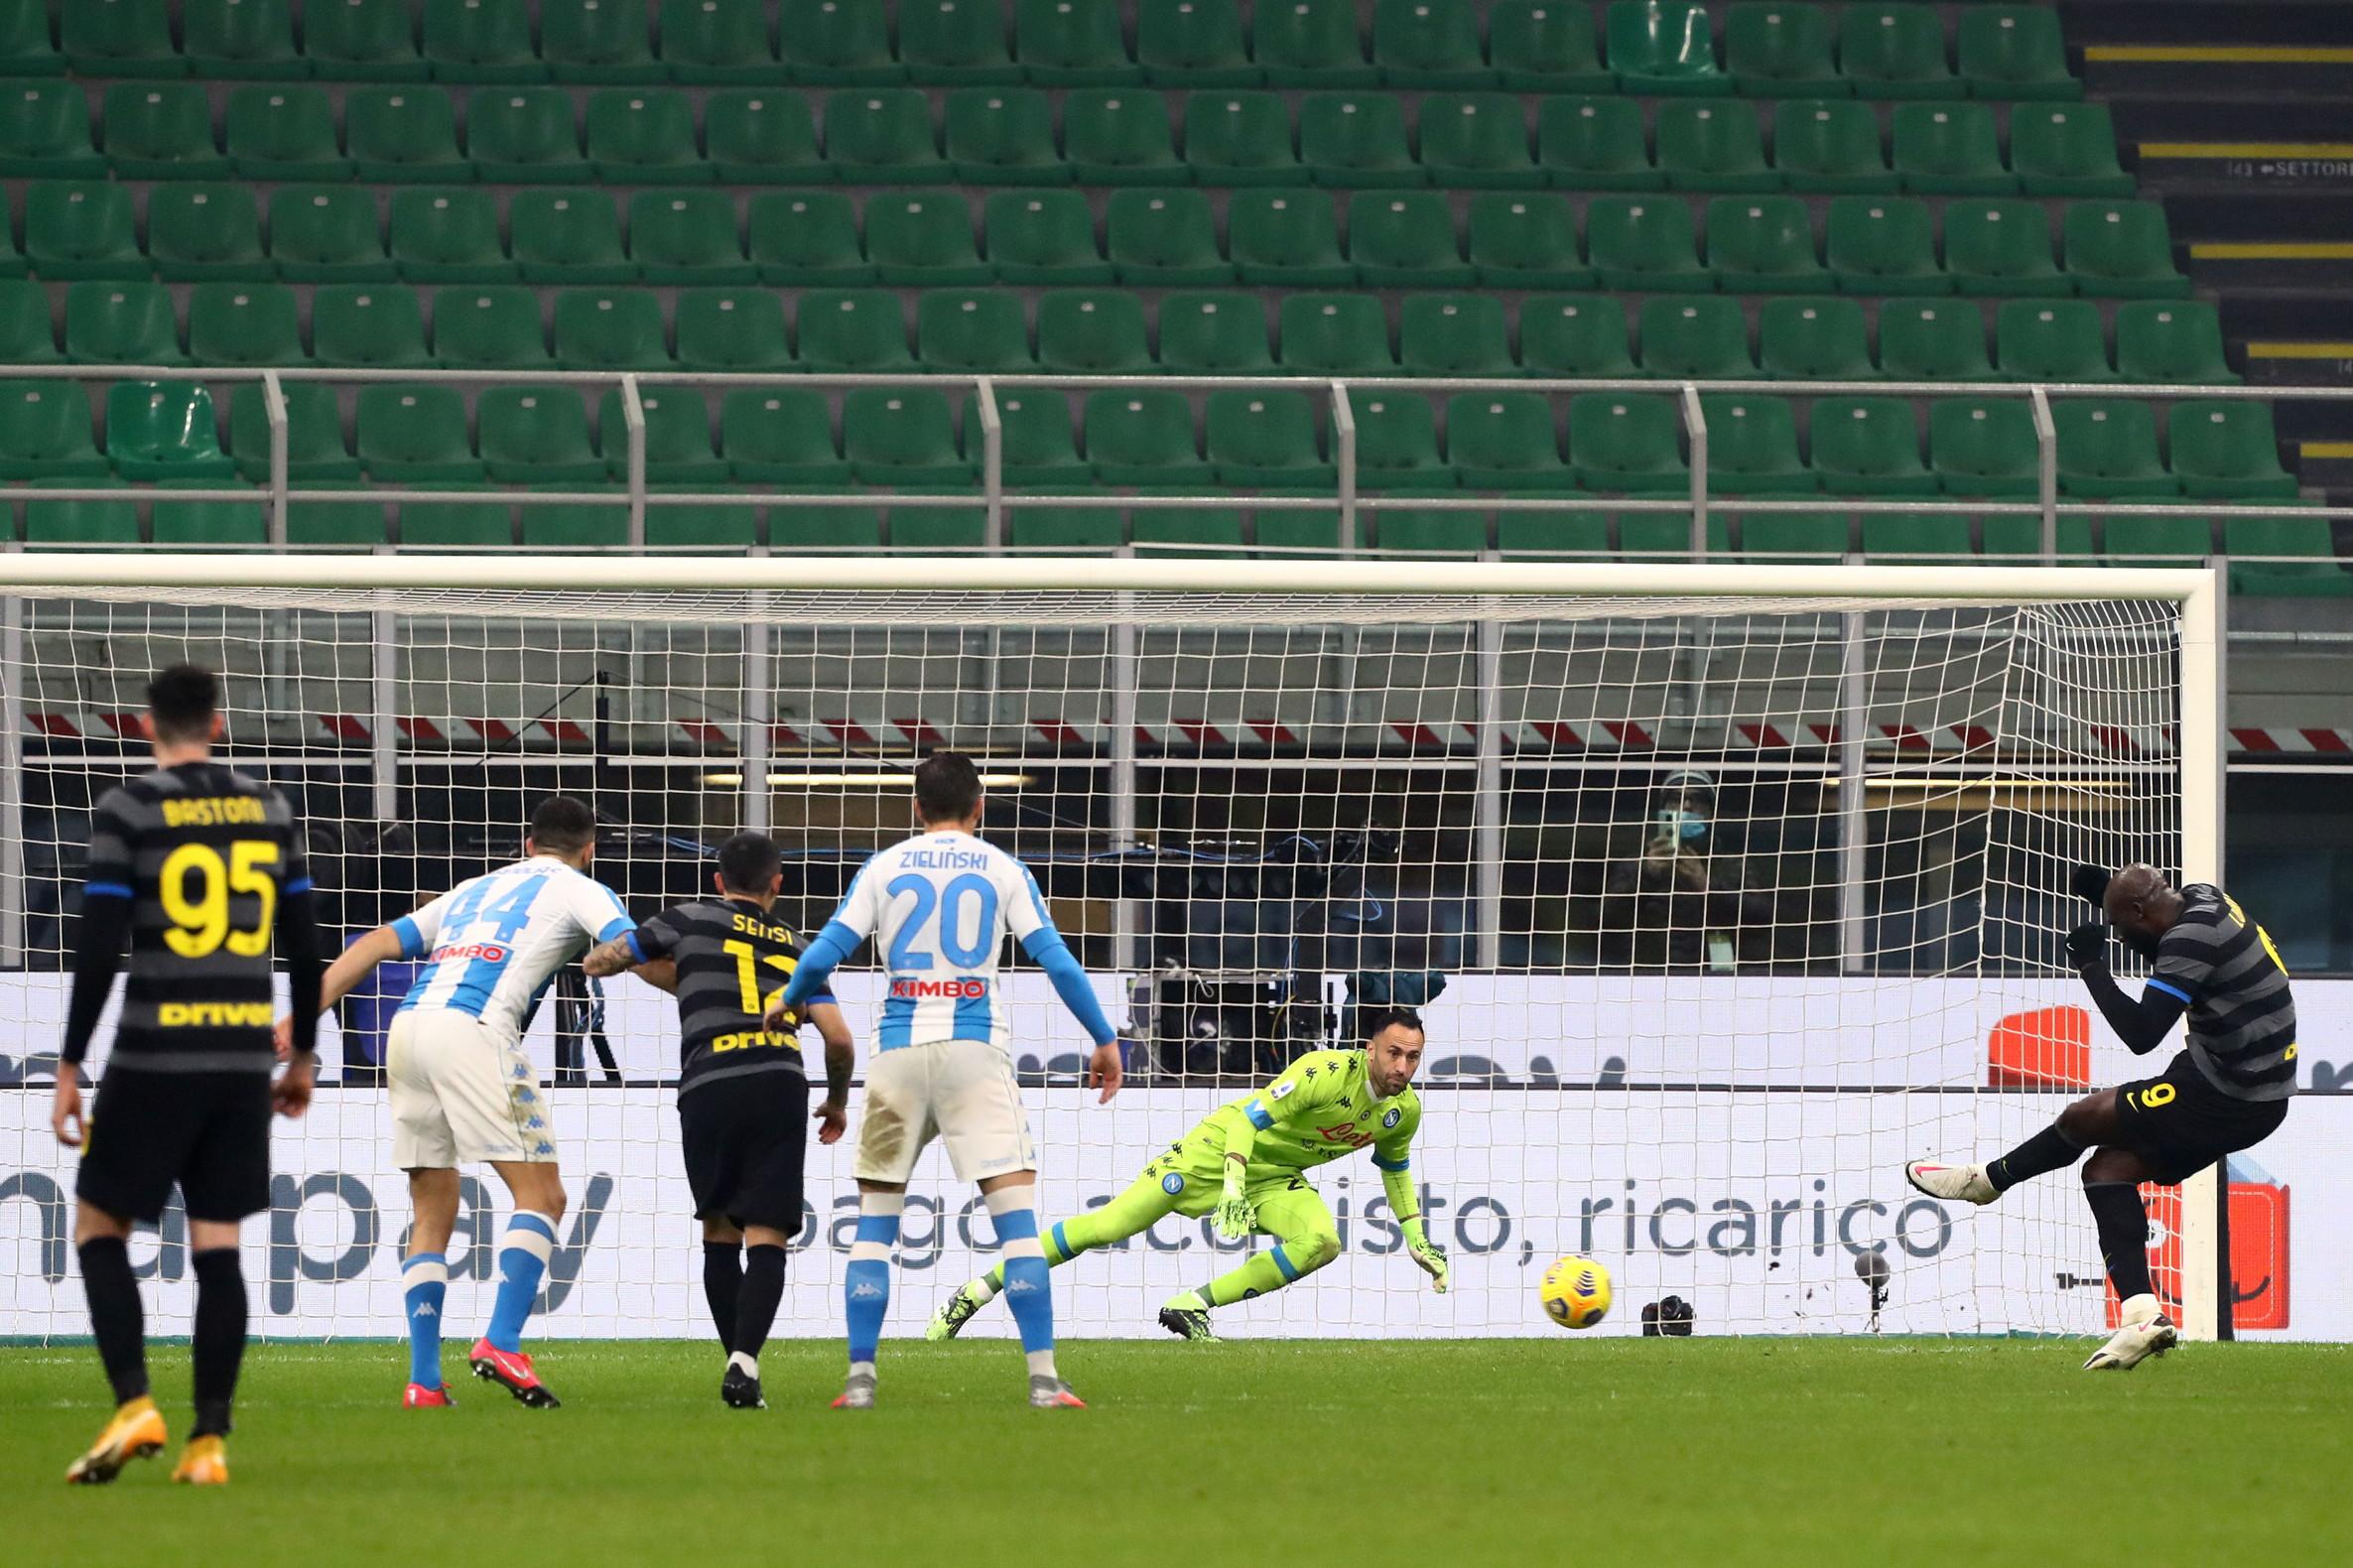 Inter-Napoli 1-0, 16 dicembre: vittoria nello scontro diretto, di misura e in infrasettimanale